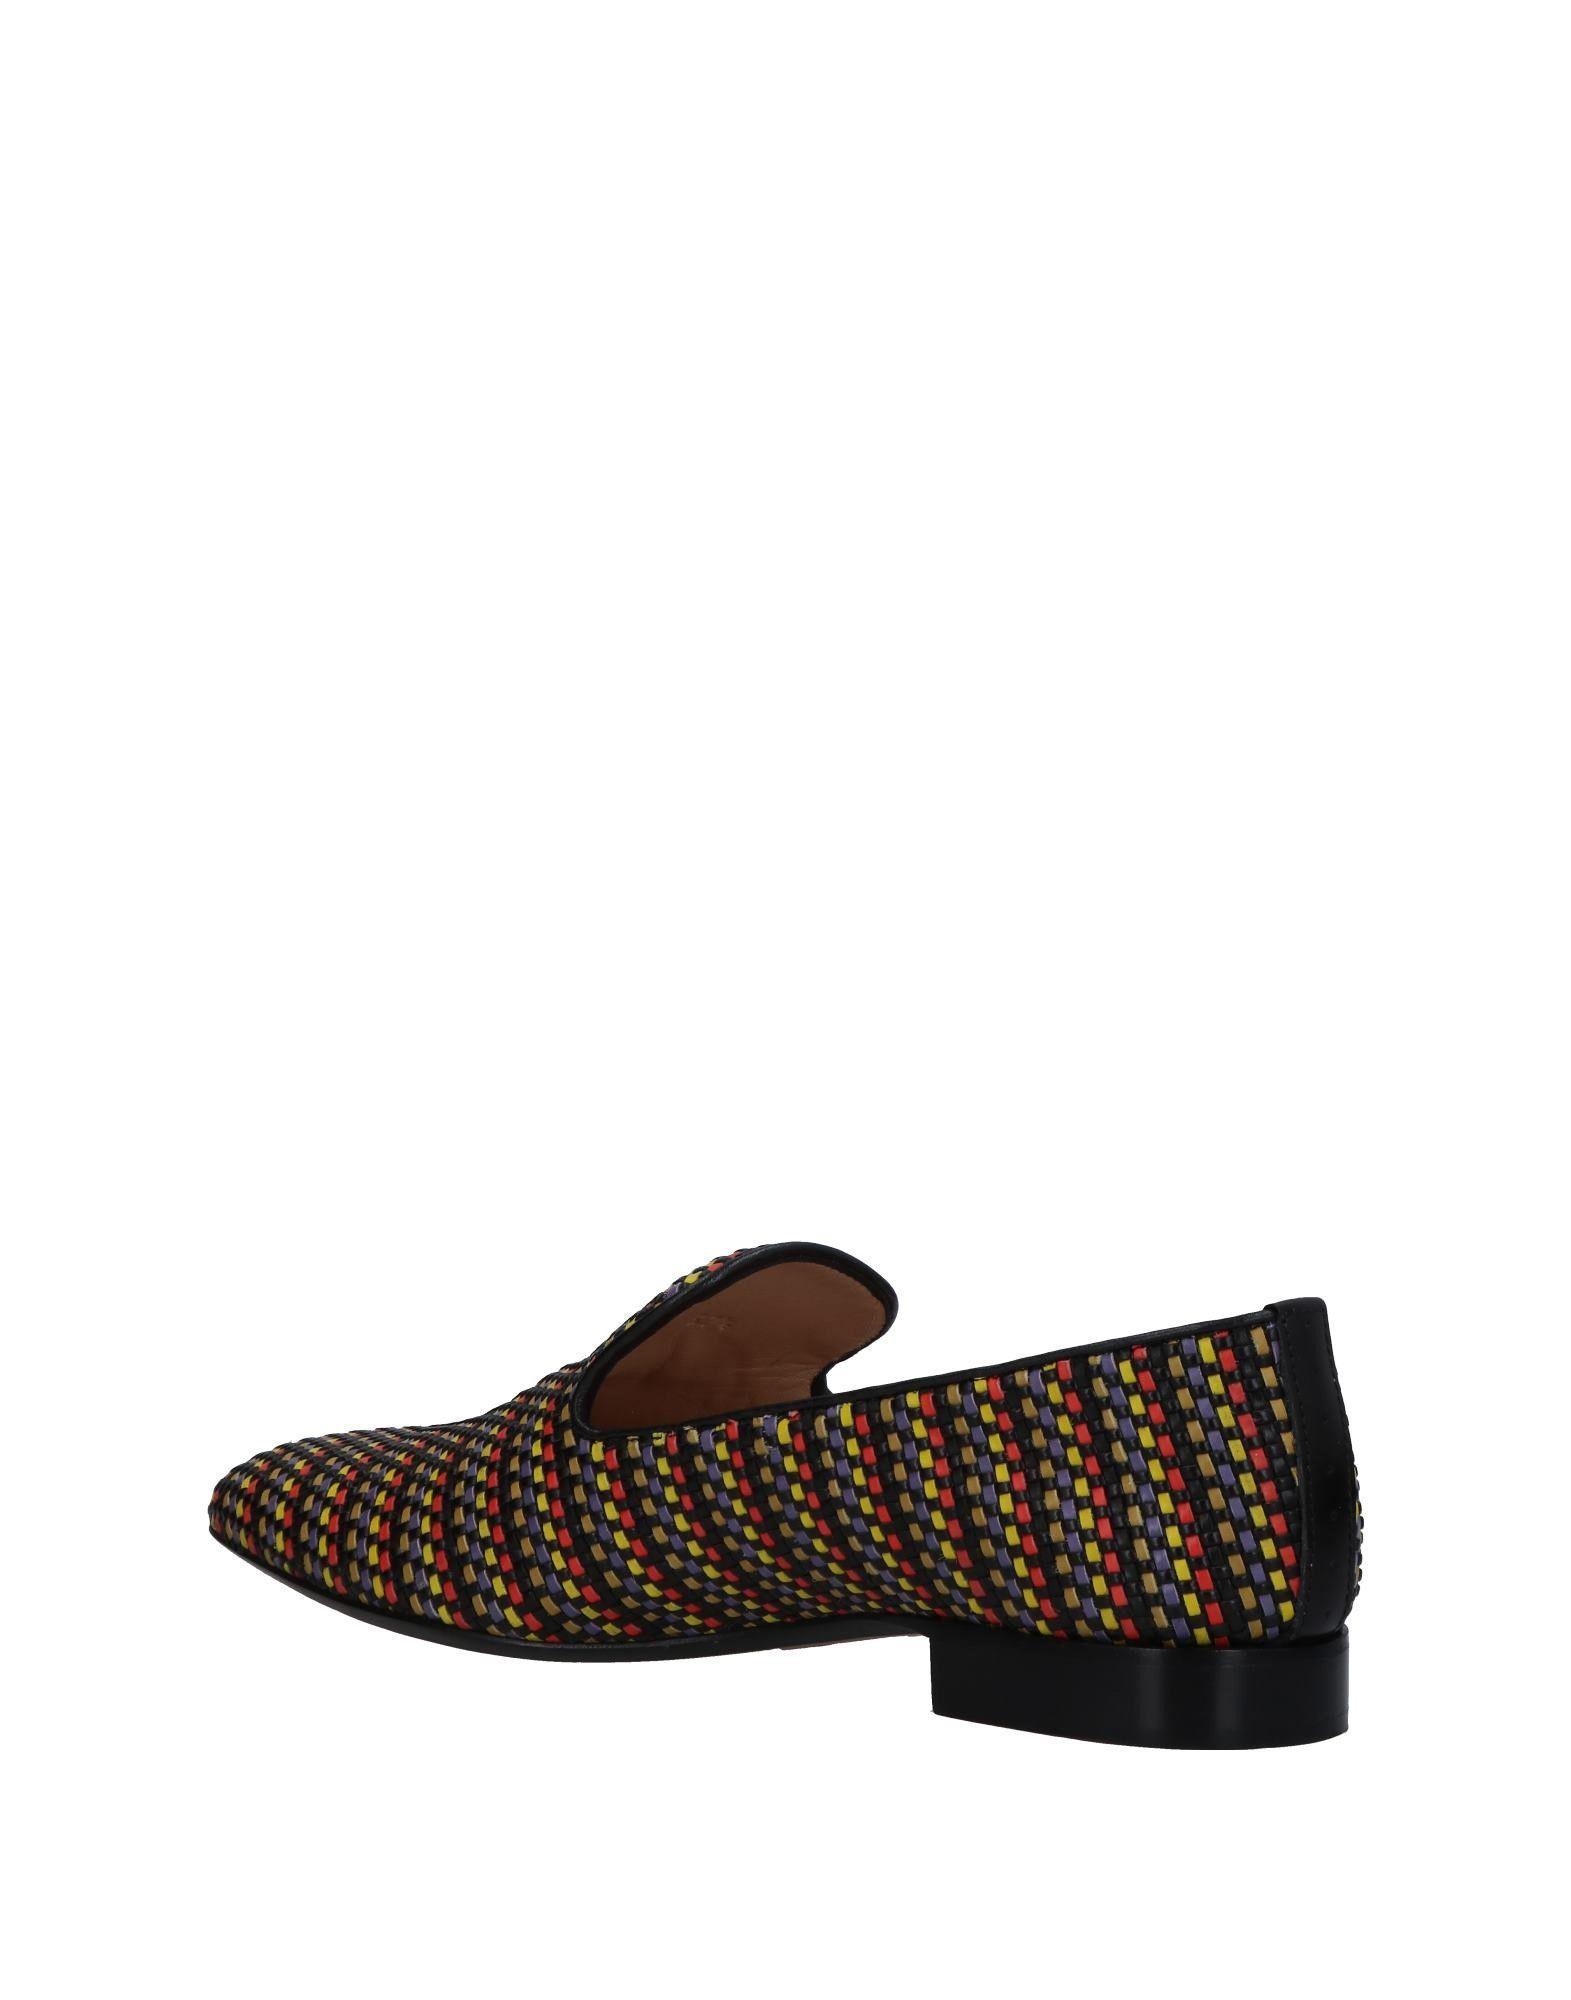 Fratelli Rossetti Schuhe Mokassins Damen  11405458AI Neue Schuhe Rossetti 9e376c